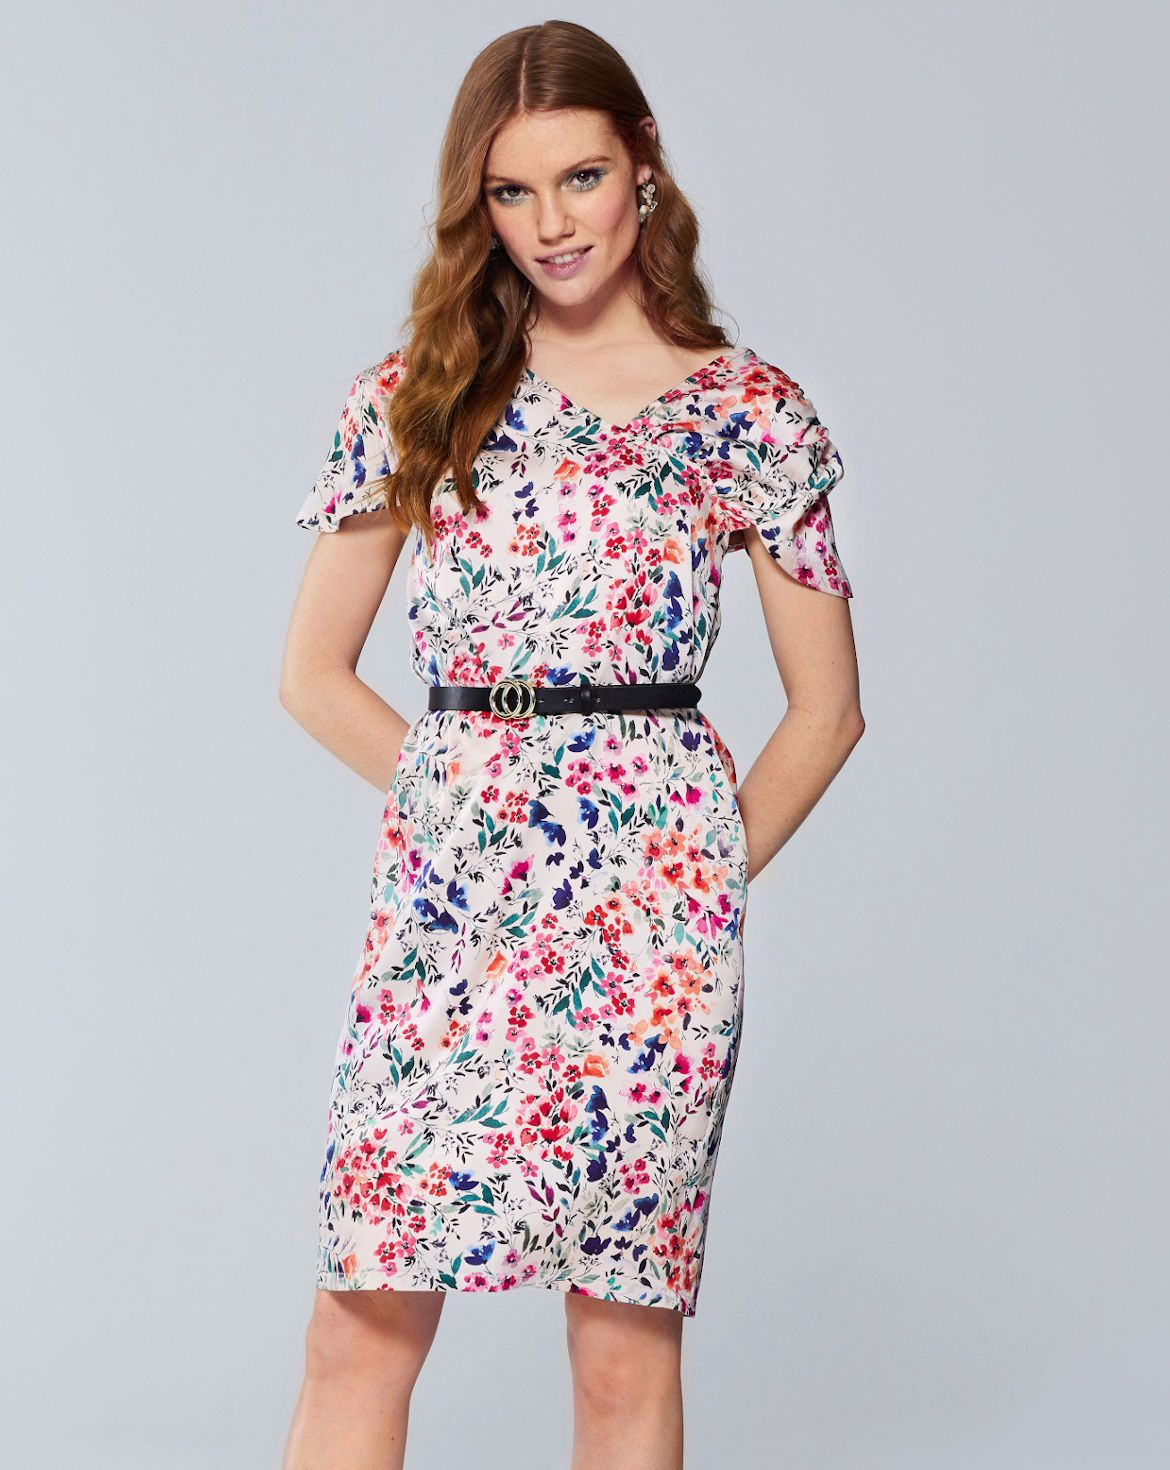 Blumchenkleid 03 20 2c In 2020 Kleider Modestil Mode